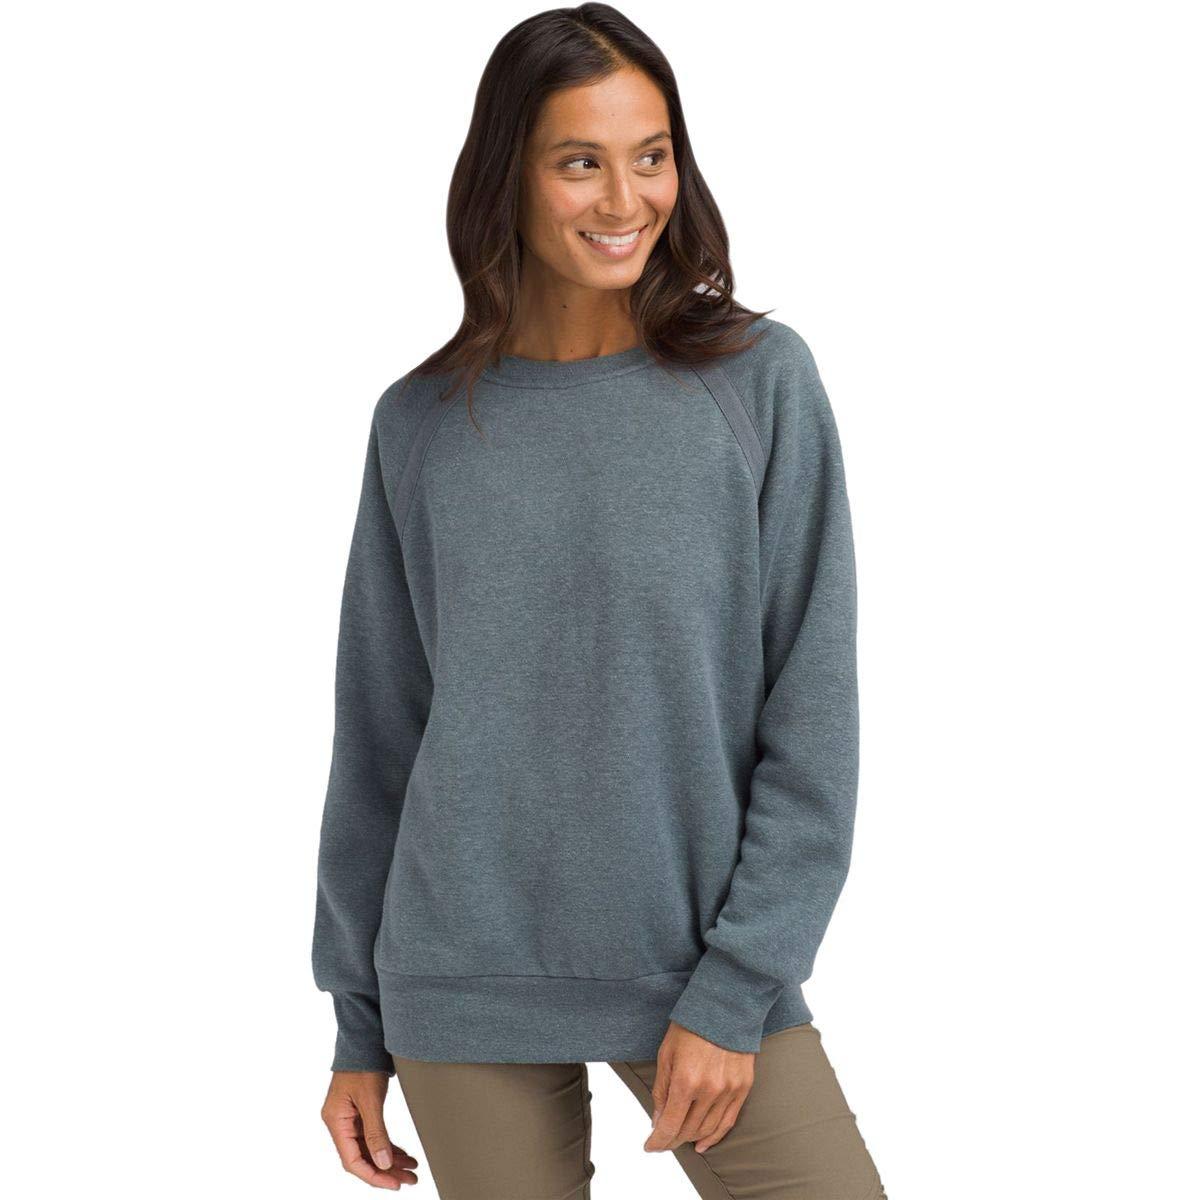 prAna Women's Cozy Up Sweatshirt, Grey Blue Heather, Large by prAna